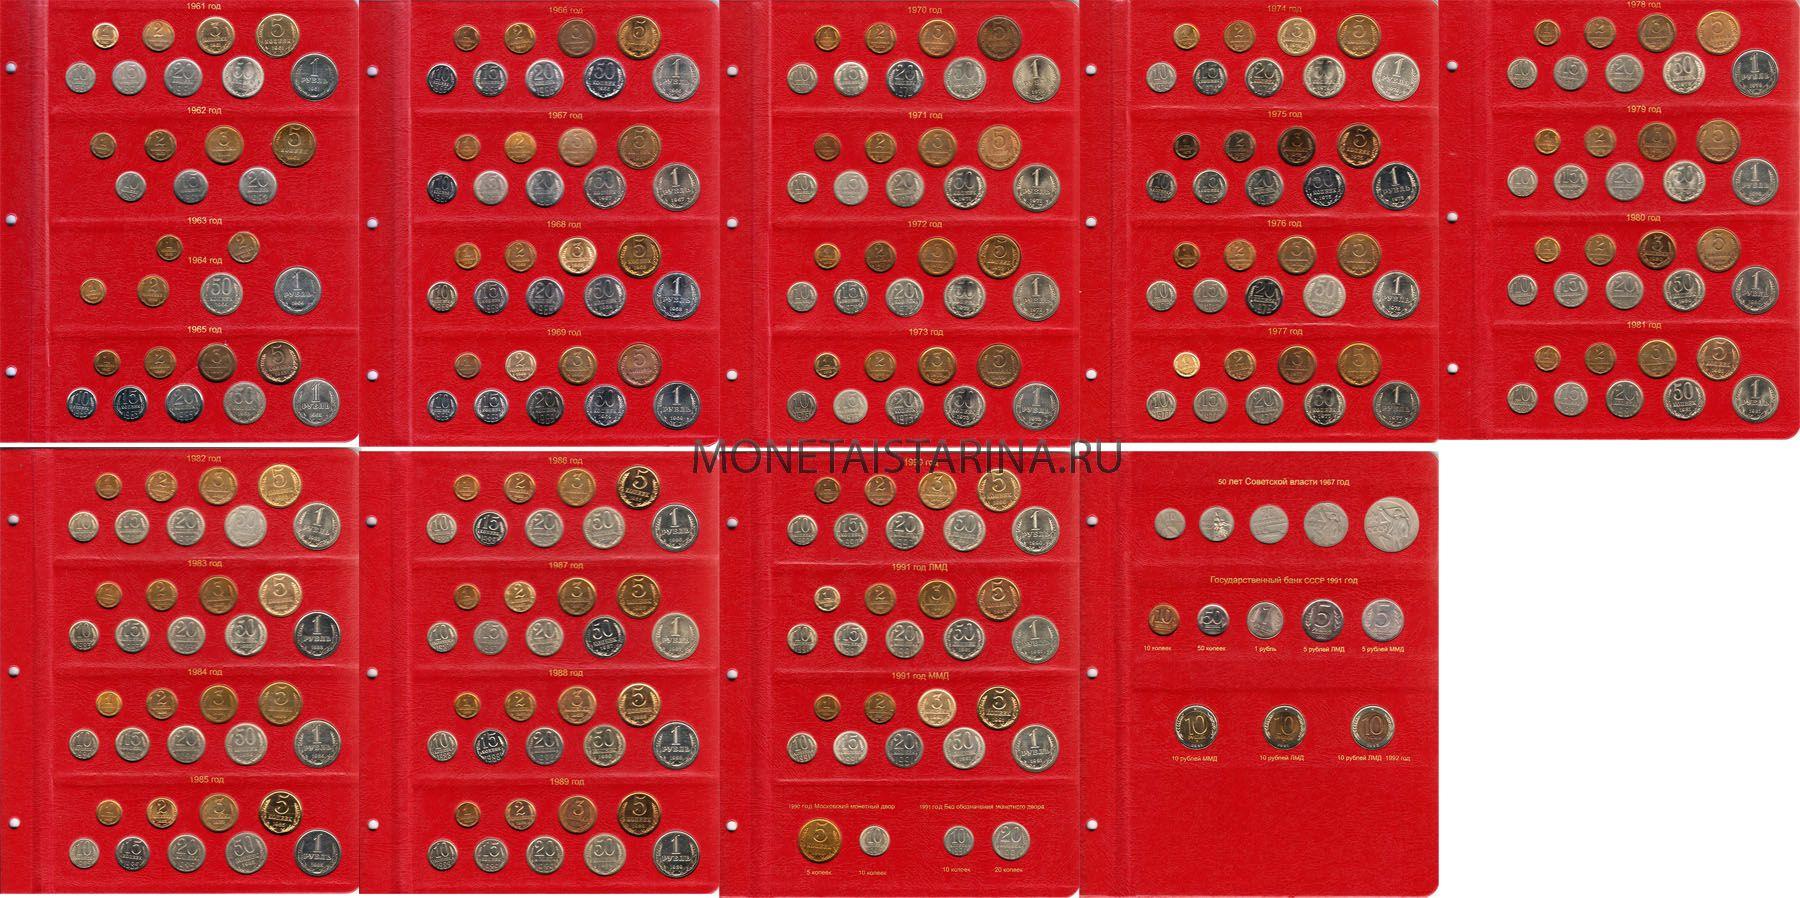 Альбом для монет японии редкие золотые монеты